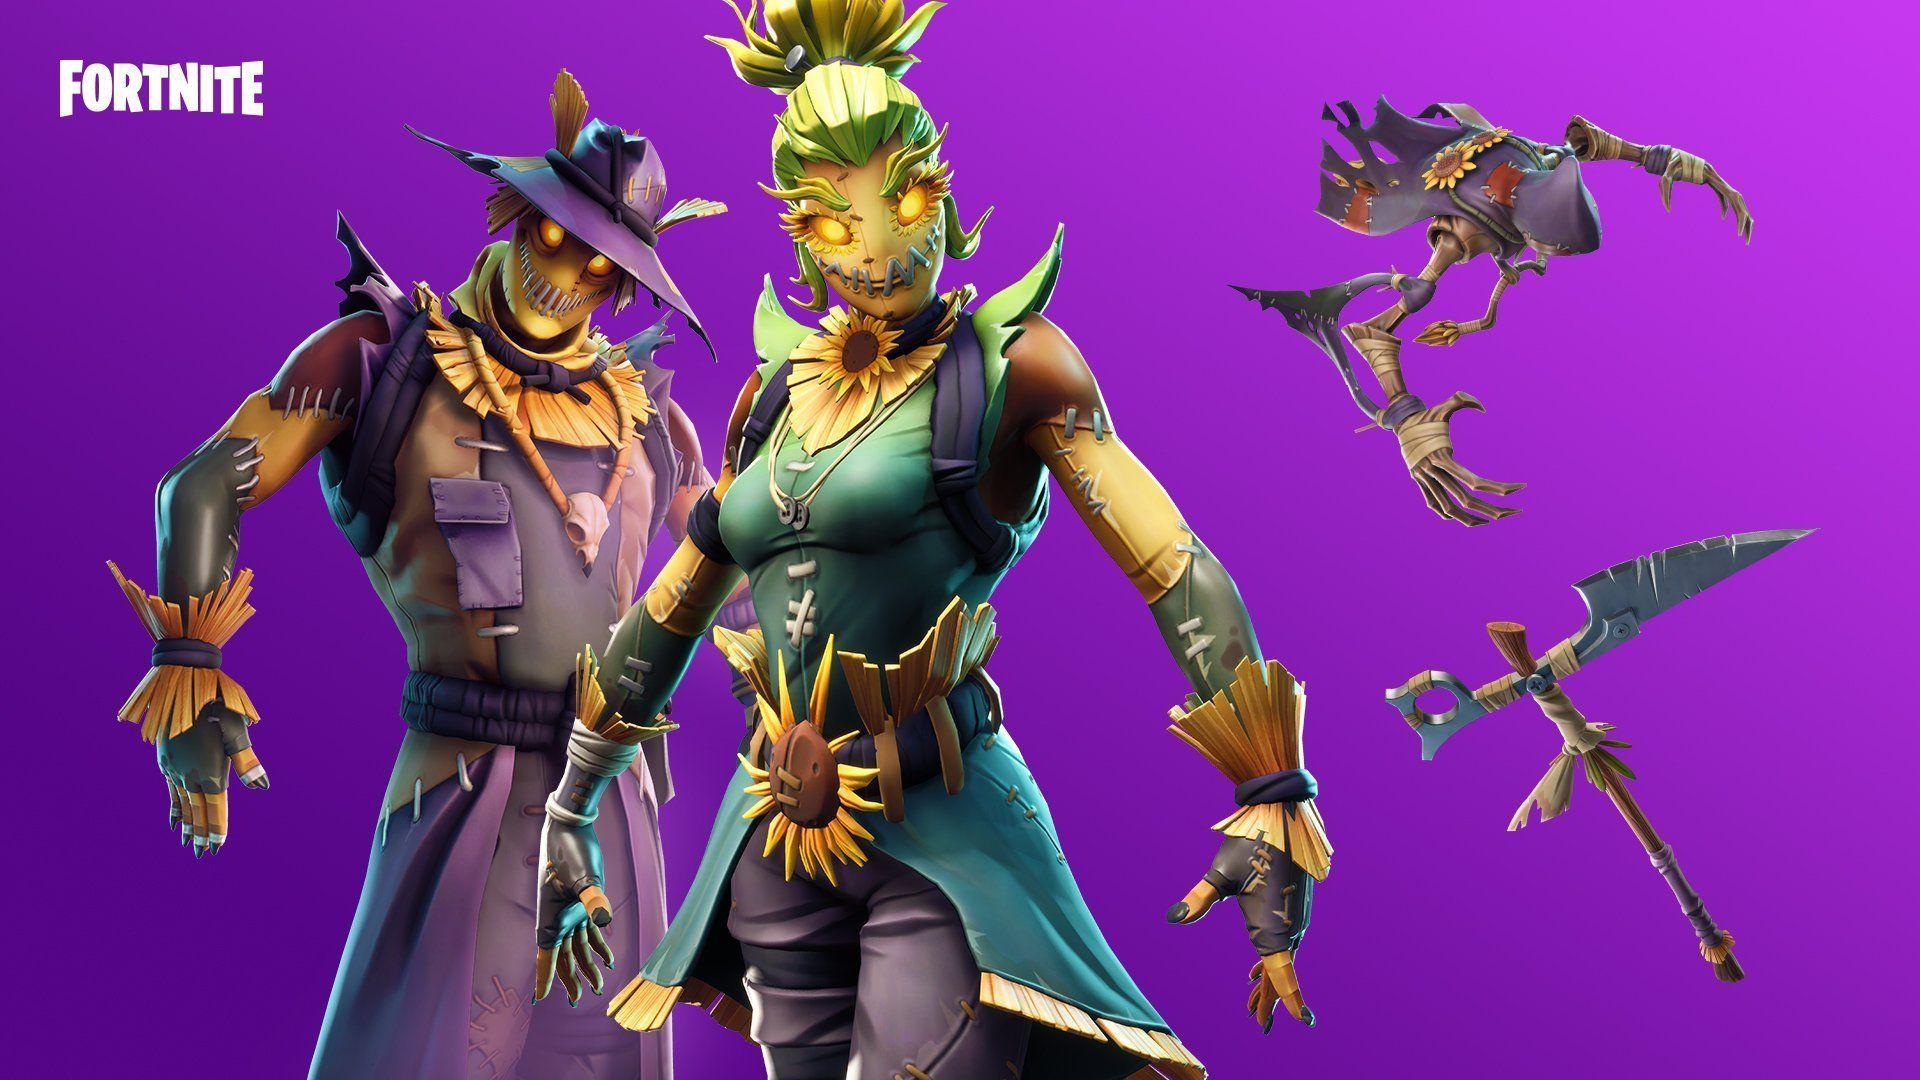 Fortnite desktop wallpaper hd background skins outfit